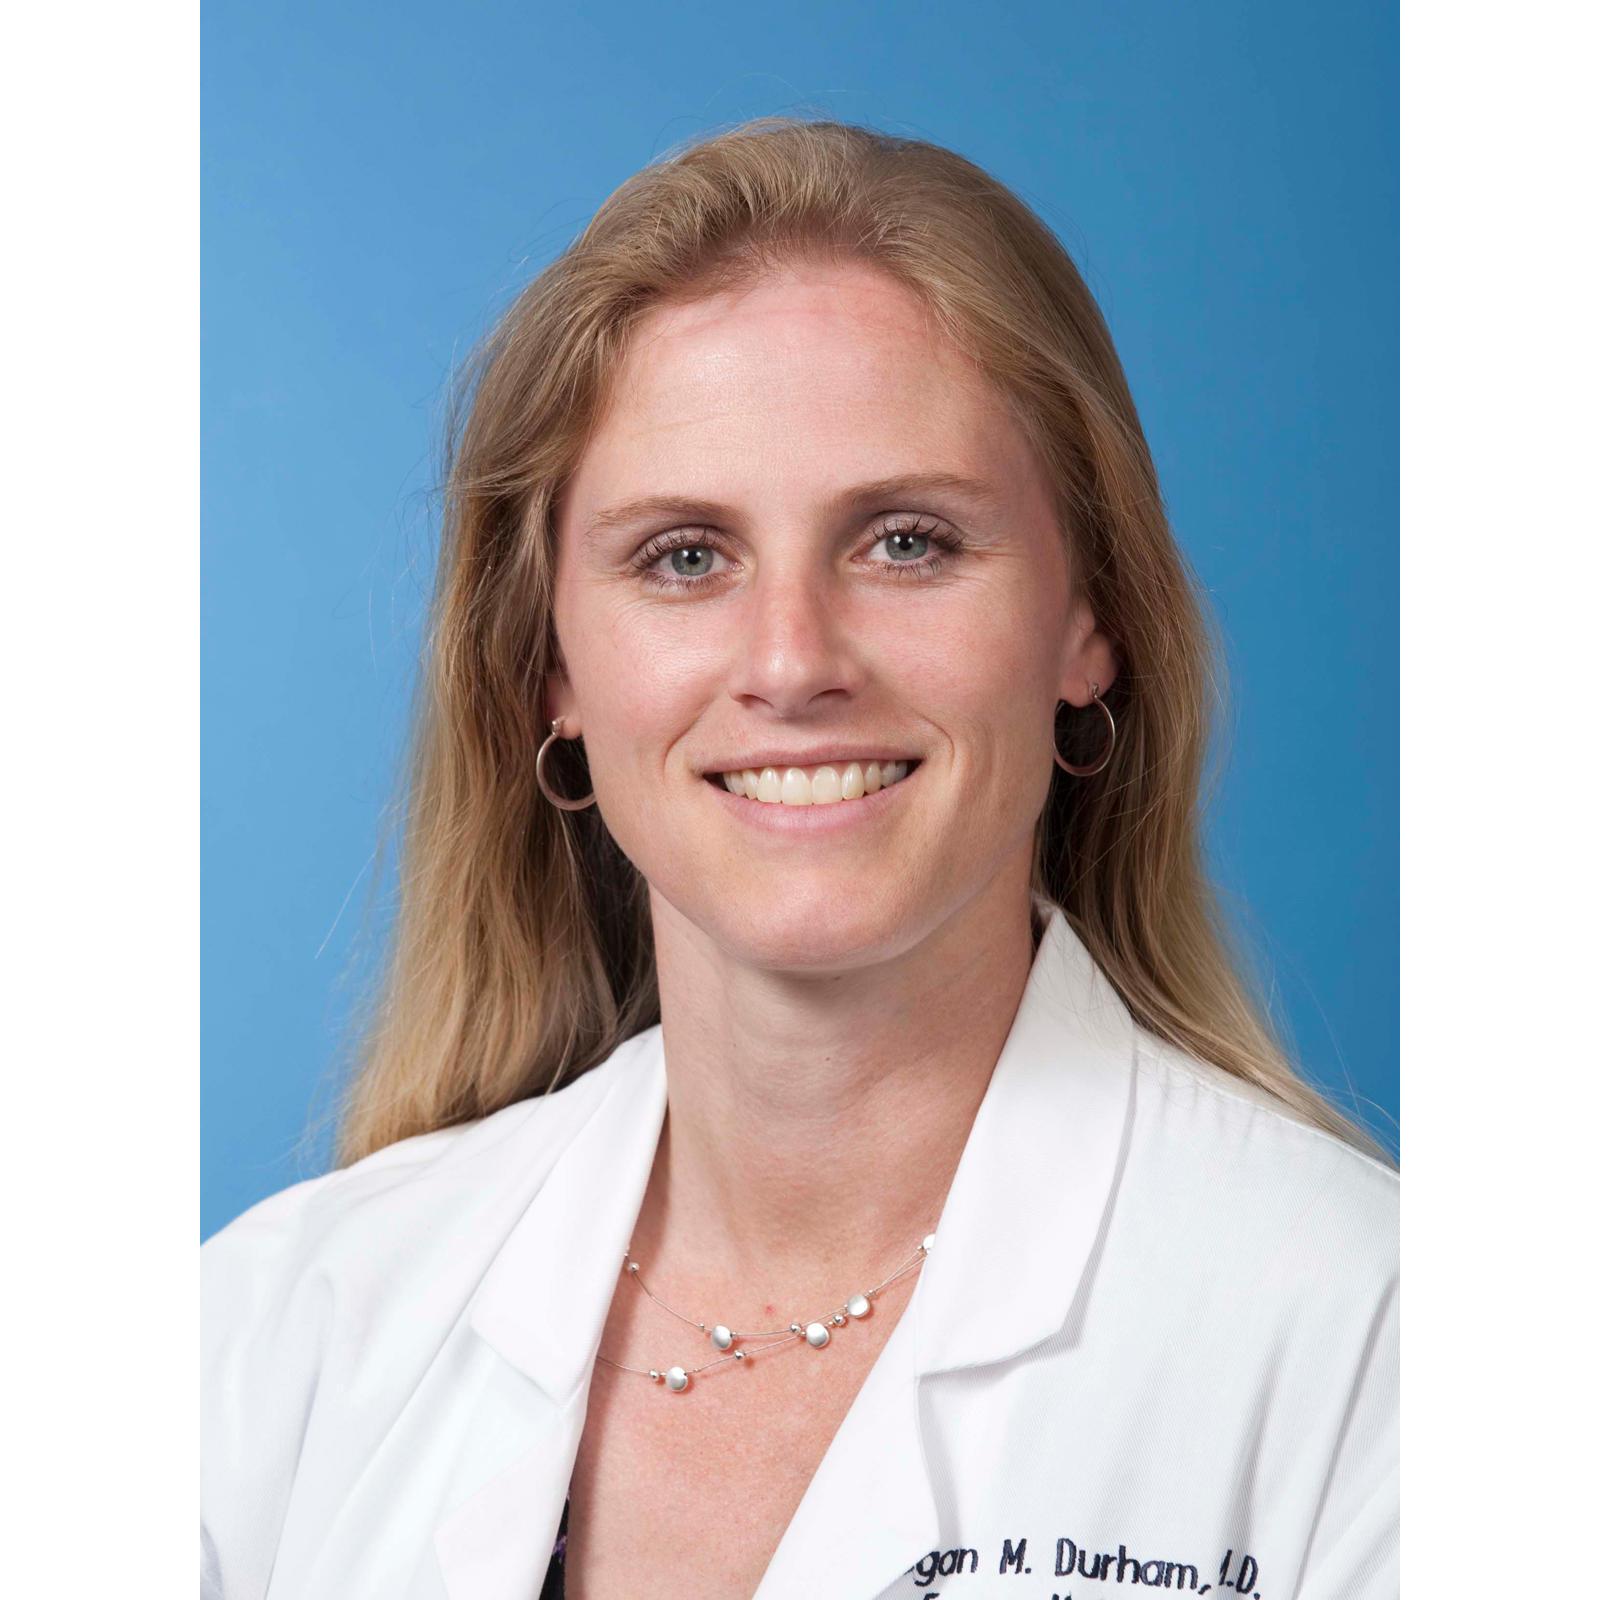 Megan M. Durham, MD